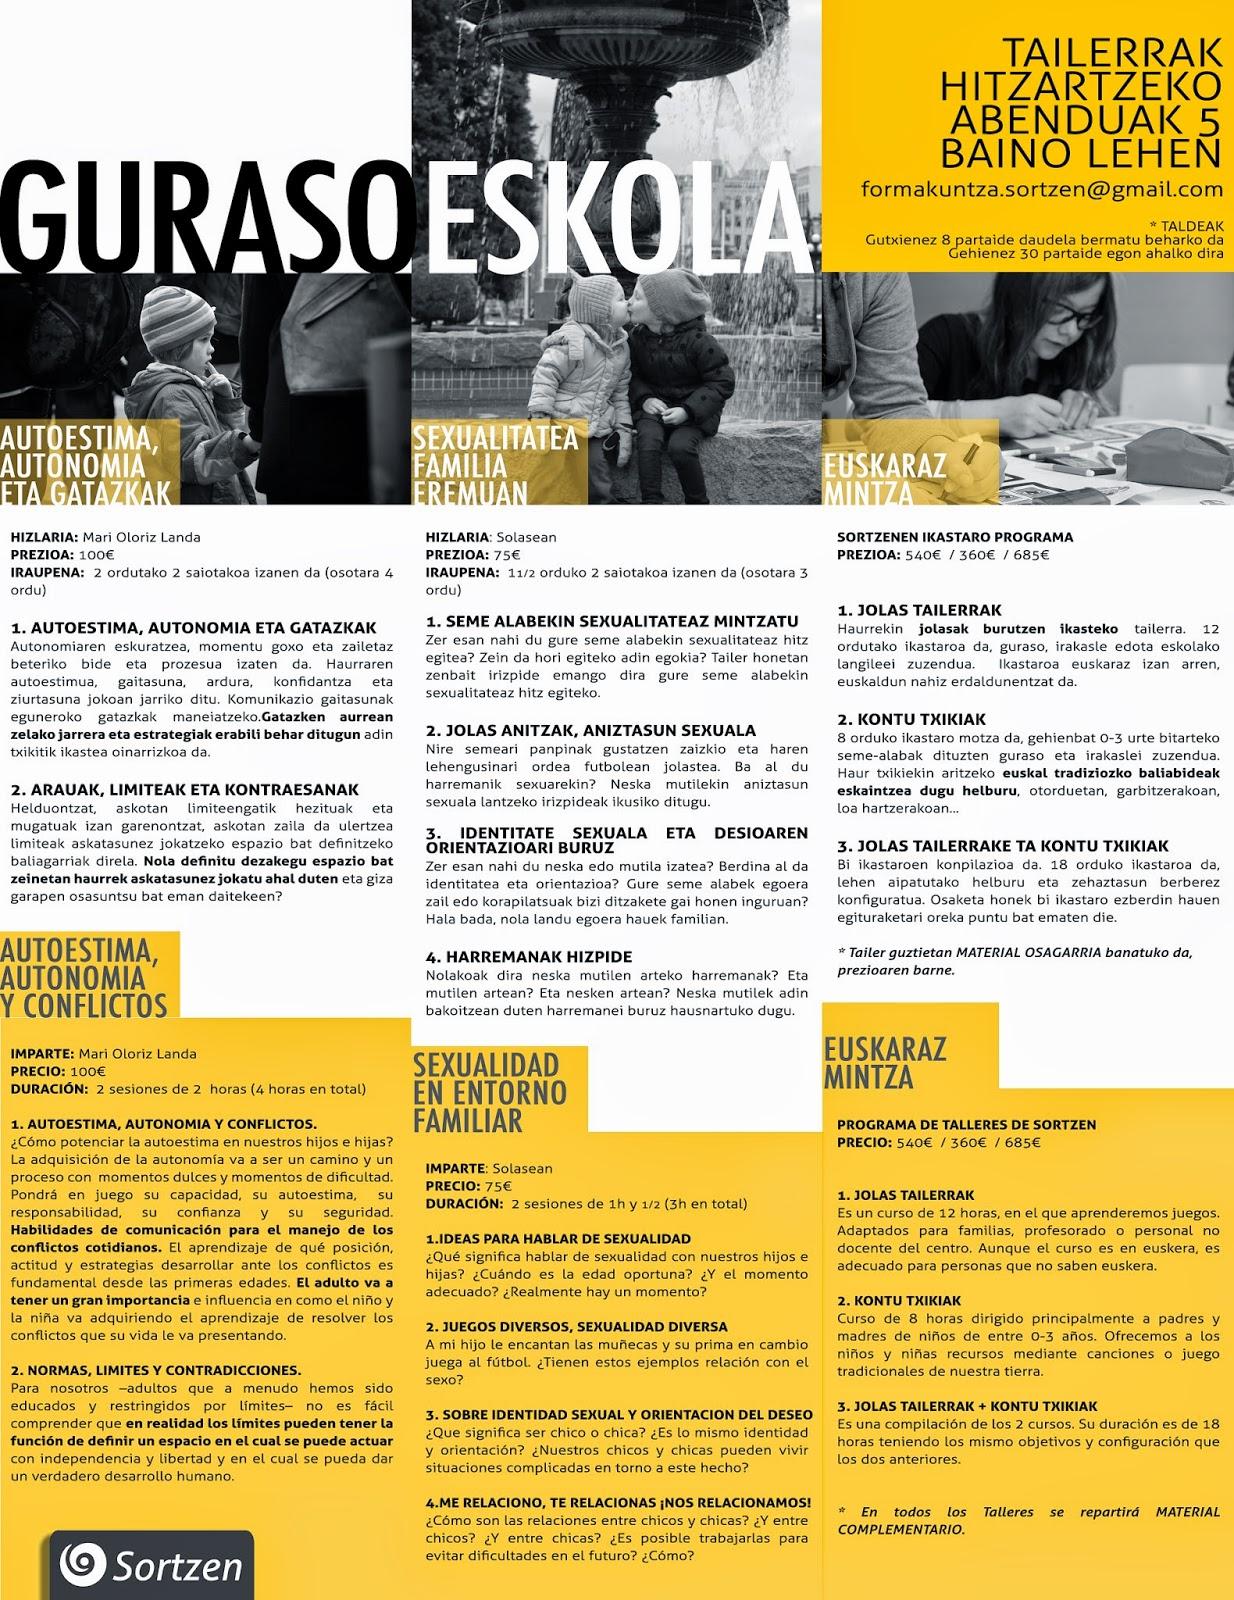 Actividades Solasean Sexología, Pamplona, Navarra, Sortzen